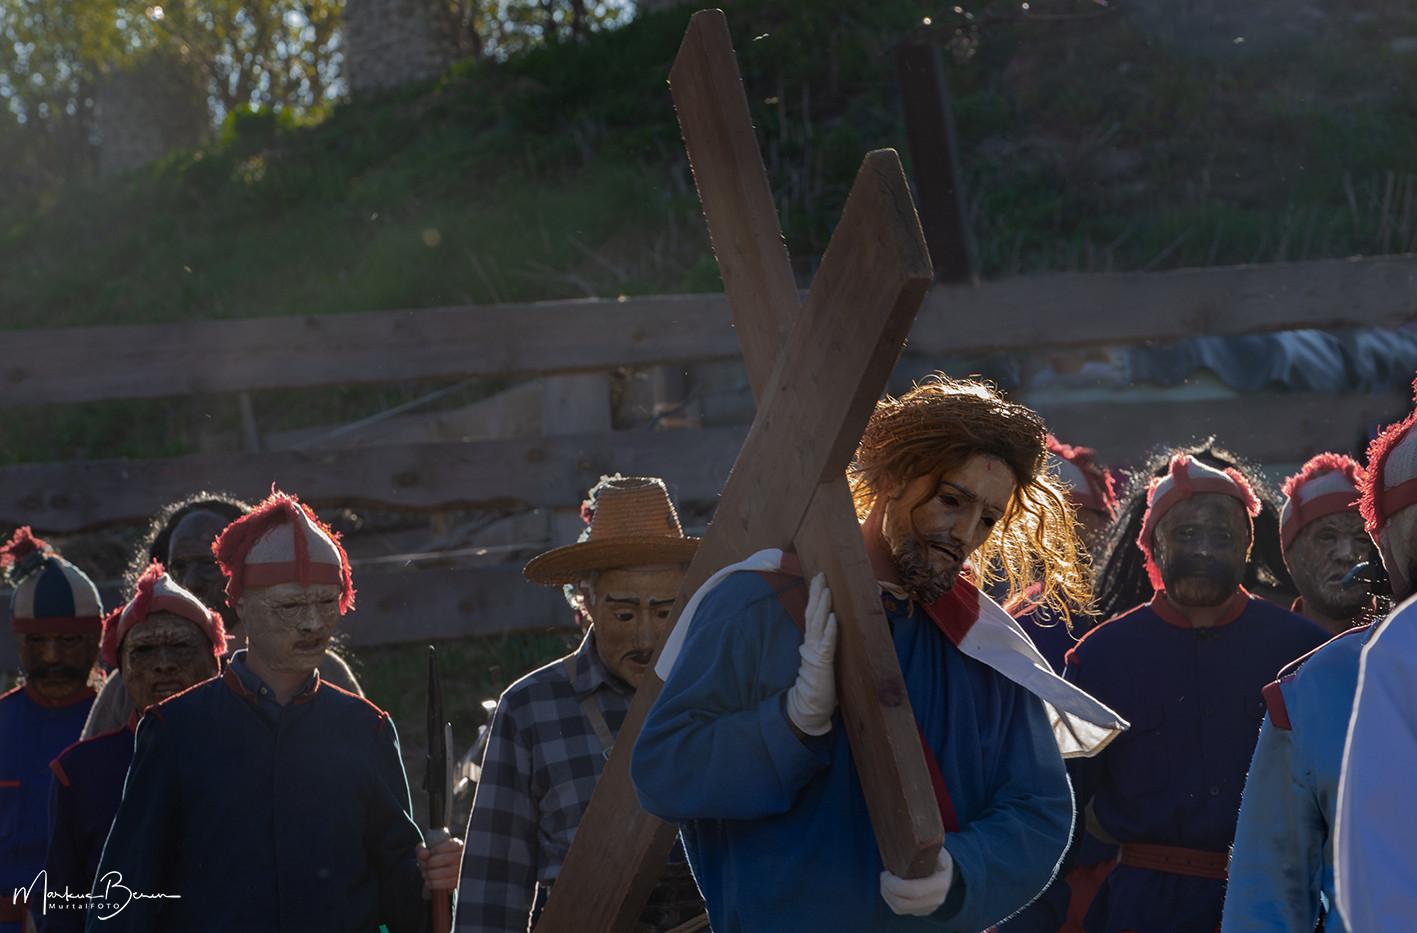 Jesus_Kreuztragen_2A8A7734.jpg